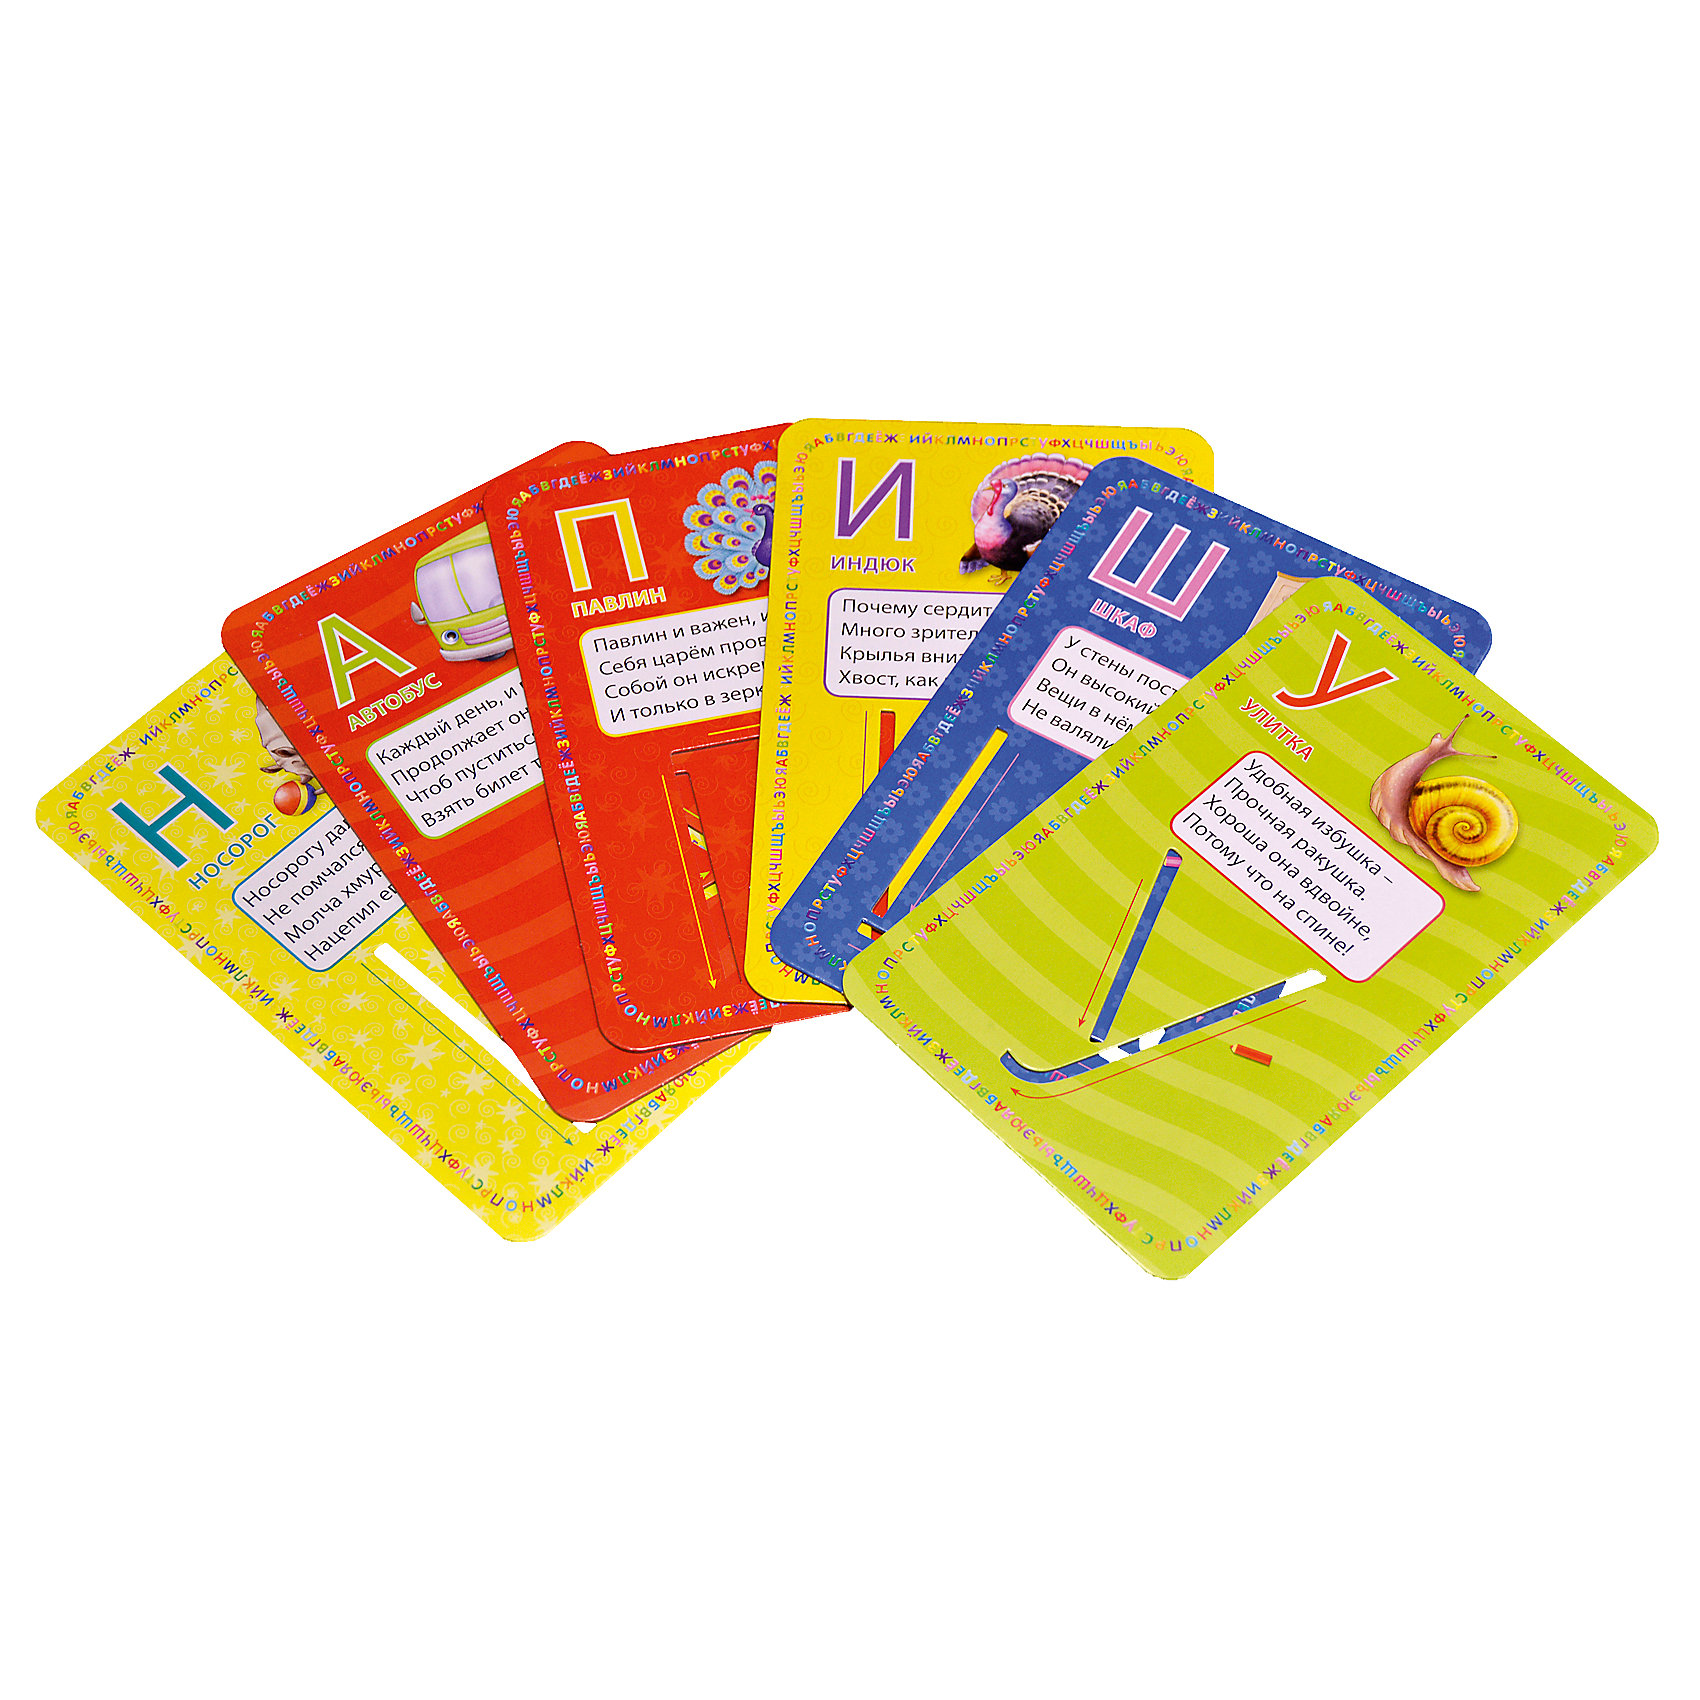 Изучаем буквы и учимся писать с трафаретамиПрописи<br>Характеристики:<br><br>• возраст: от 3 лет<br>• в наборе: 34 карточки с трафаретами, методический материал.<br>• художники: Ю. Митченко, Г. Белоголовская<br>• издательство: Робинс<br>• иллюстрации: цветные<br>• материал: картон<br>• упаковка: картонная коробка<br>• размер упаковки: 18х11х4 см.<br>• вес: 540 гр.<br>• ISBN: 9785436604107<br><br>«Изучаем буквы и учимся писать» по трафаретам ? комплект, состоящий из 34 обучающих карточек. С лицевой стороны карточки вы найдёте трафарет с изображением буквы алфавита и стихотворение к ней, а на обратной стороне ? игровое задание с прописями для тренировки навыков письма.<br><br>Ребёнок легко запомнит все буквы алфавита, пополнит свой словарный запас новыми понятиями, научится писать по трафаретам. Это поможет развить мелкую моторику рук, память, внимательность, воображение, сформирует у малыша навыки, чтения и письма.<br><br>Развивающие карточки «Изучаем буквы и учимся писать с трафаретами» можно купить в нашем интернет-магазине.<br><br>Ширина мм: 113<br>Глубина мм: 153<br>Высота мм: 350<br>Вес г: 380<br>Возраст от месяцев: 36<br>Возраст до месяцев: 2147483647<br>Пол: Унисекс<br>Возраст: Детский<br>SKU: 6751781